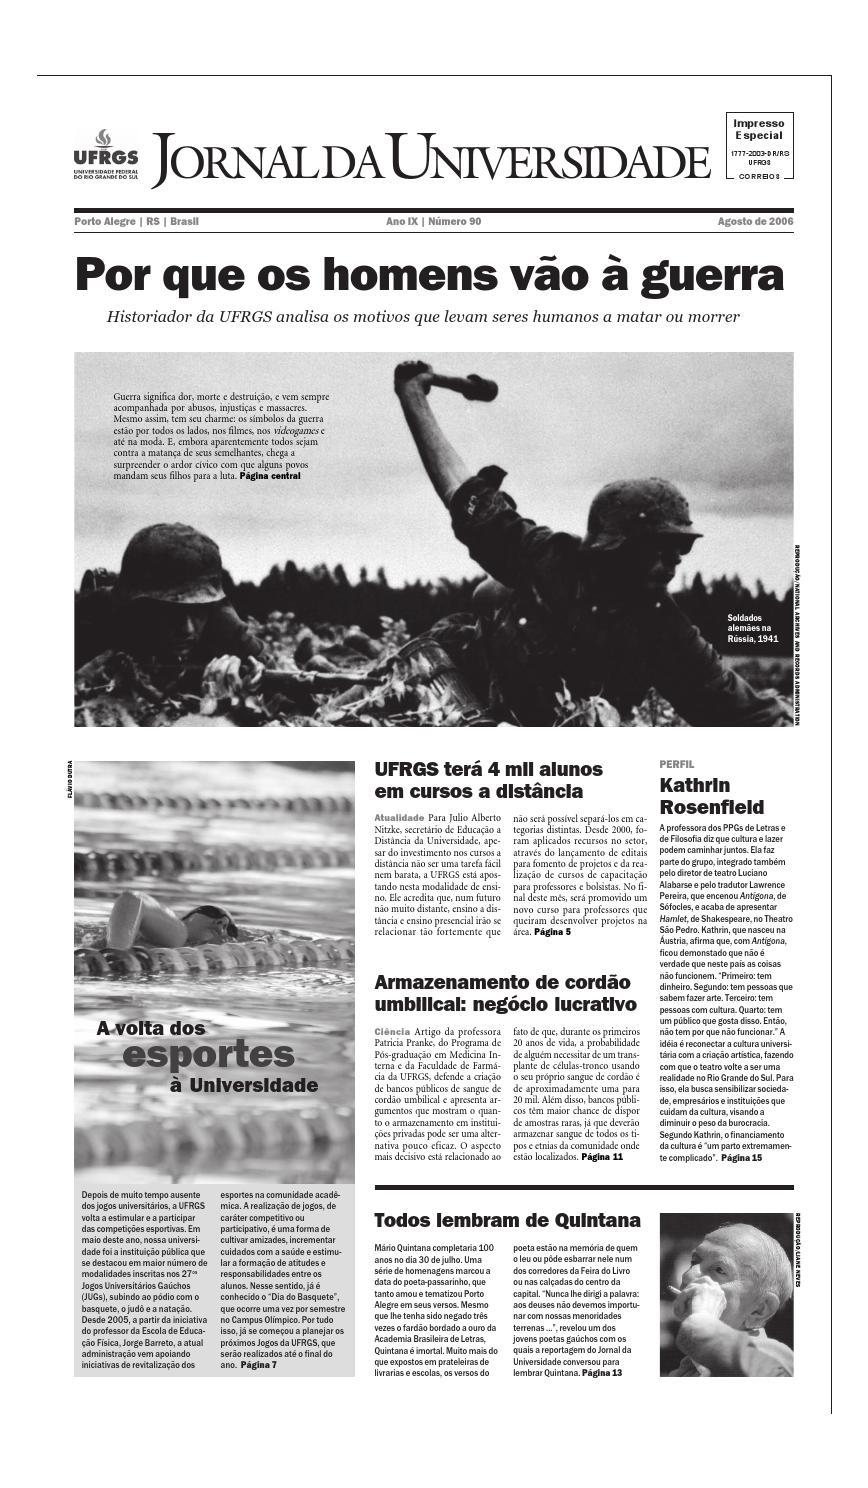 ca8c3873b43 Jornal da Universidade by Universidade Federal do Rio Grande do Sul - issuu